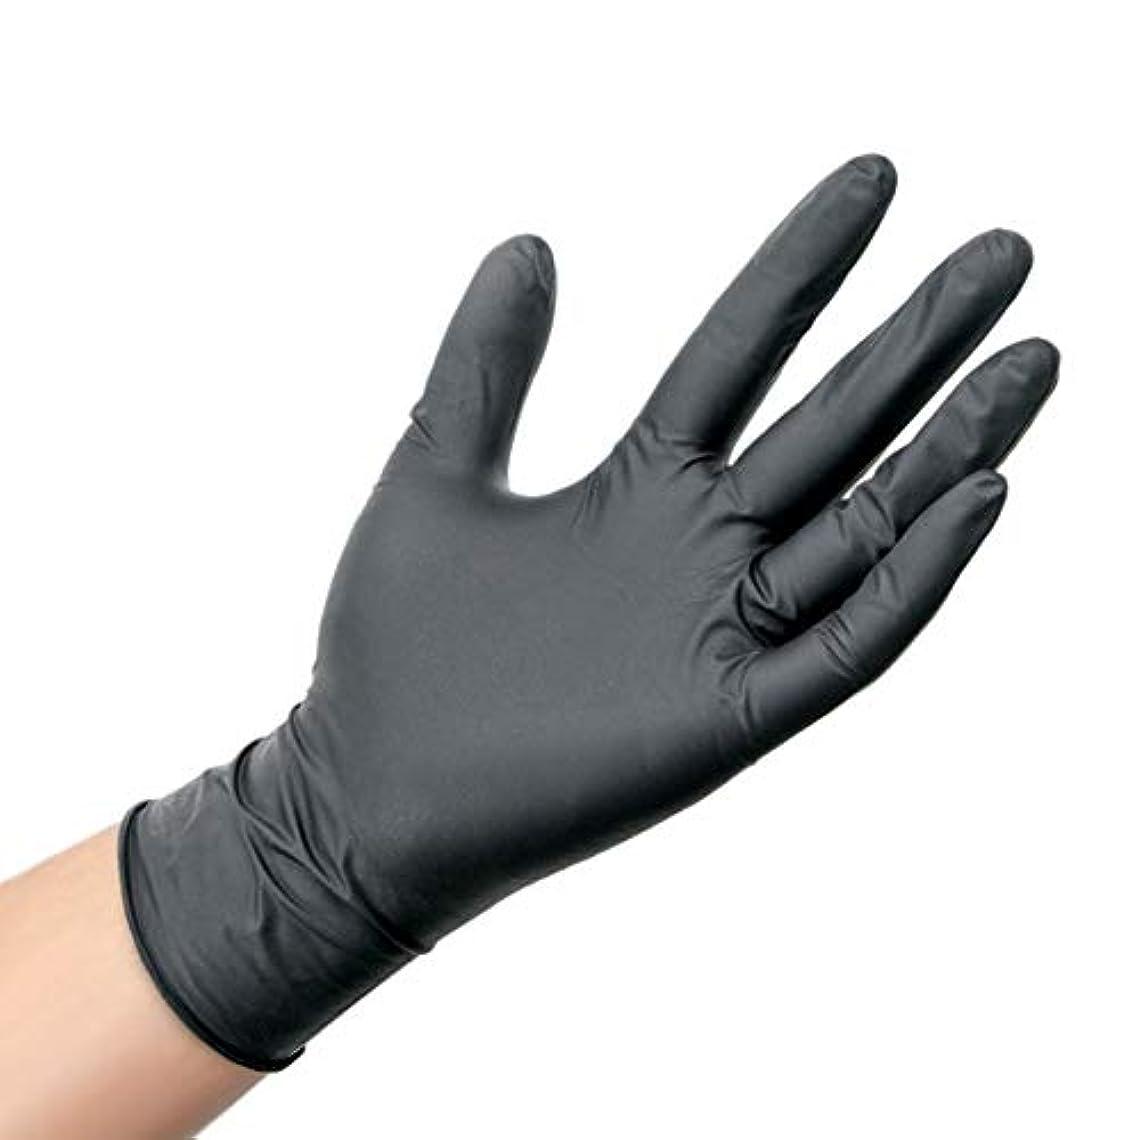 卑しい見通しマッシュ肥厚した抗酸とアルカリの帯電防止保護手袋使い捨て工業用ニトリルゴム手袋 YANW (色 : ブラック, サイズ さいず : M m)